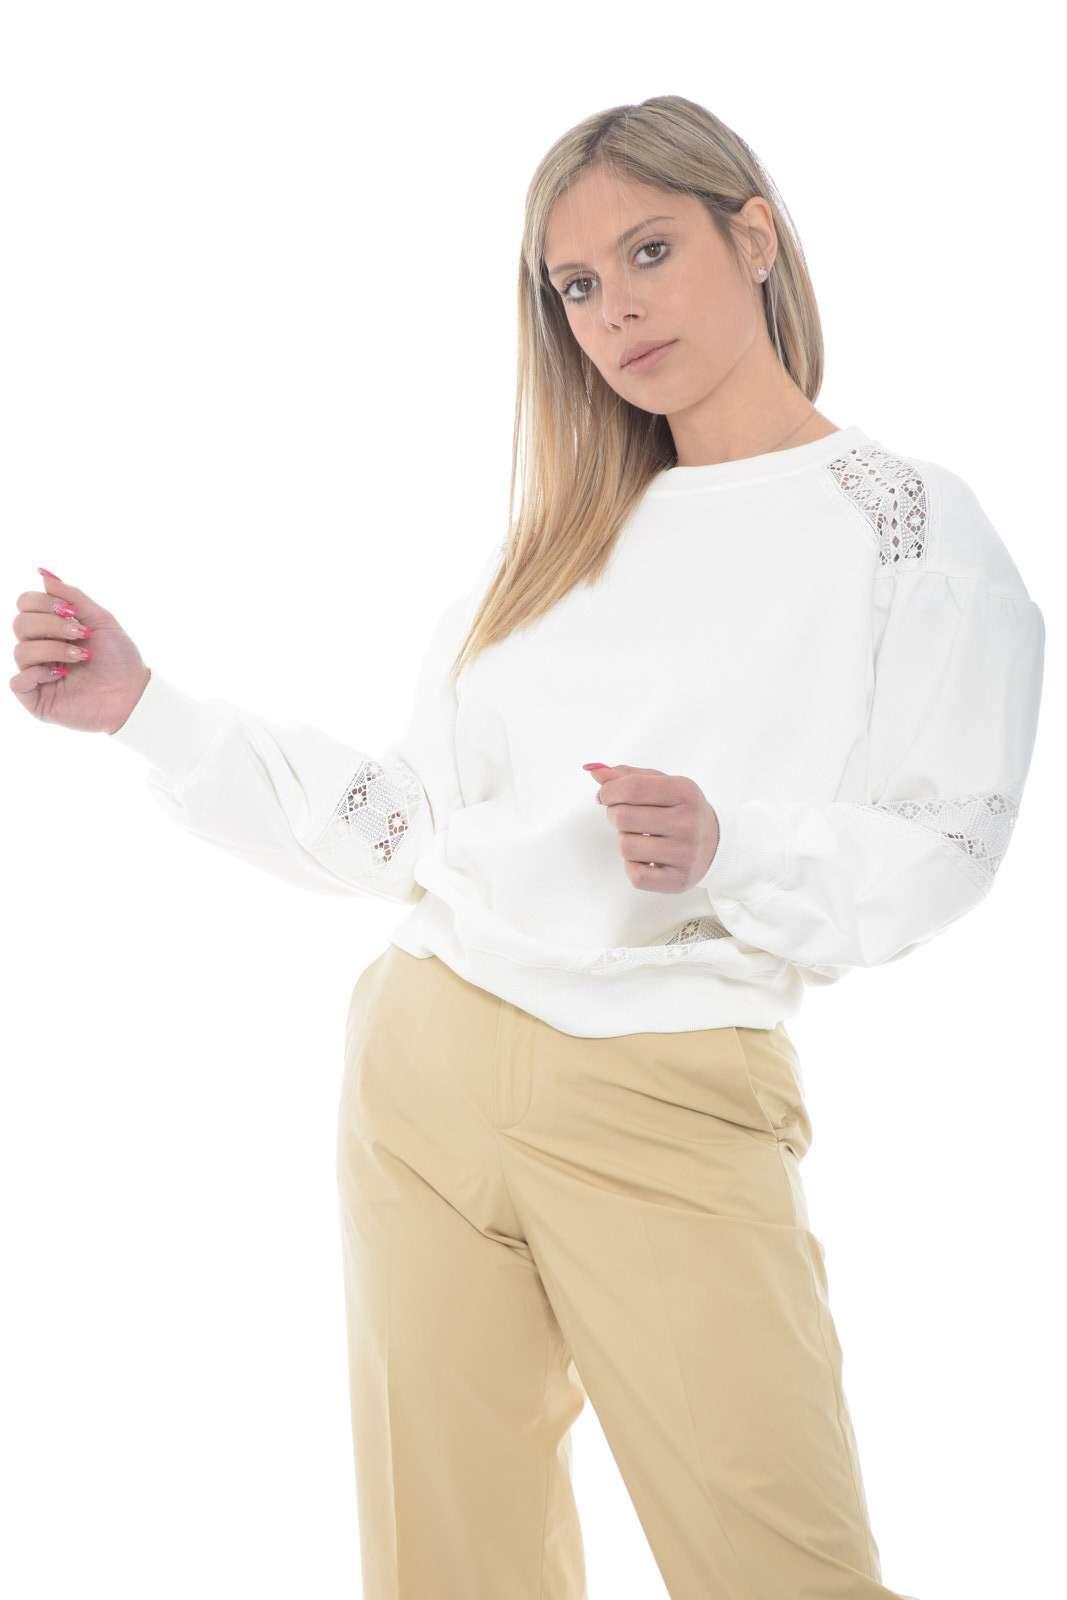 Un capo indossabile sia con outfit sportivi che più impegnati quella firmat dalla collezione donna Twinset Milano. Gli inserti in pizzo la rendono confortevole ed elegante. Con un jeans o con una pantalone della tuta trova il suo look migliore.